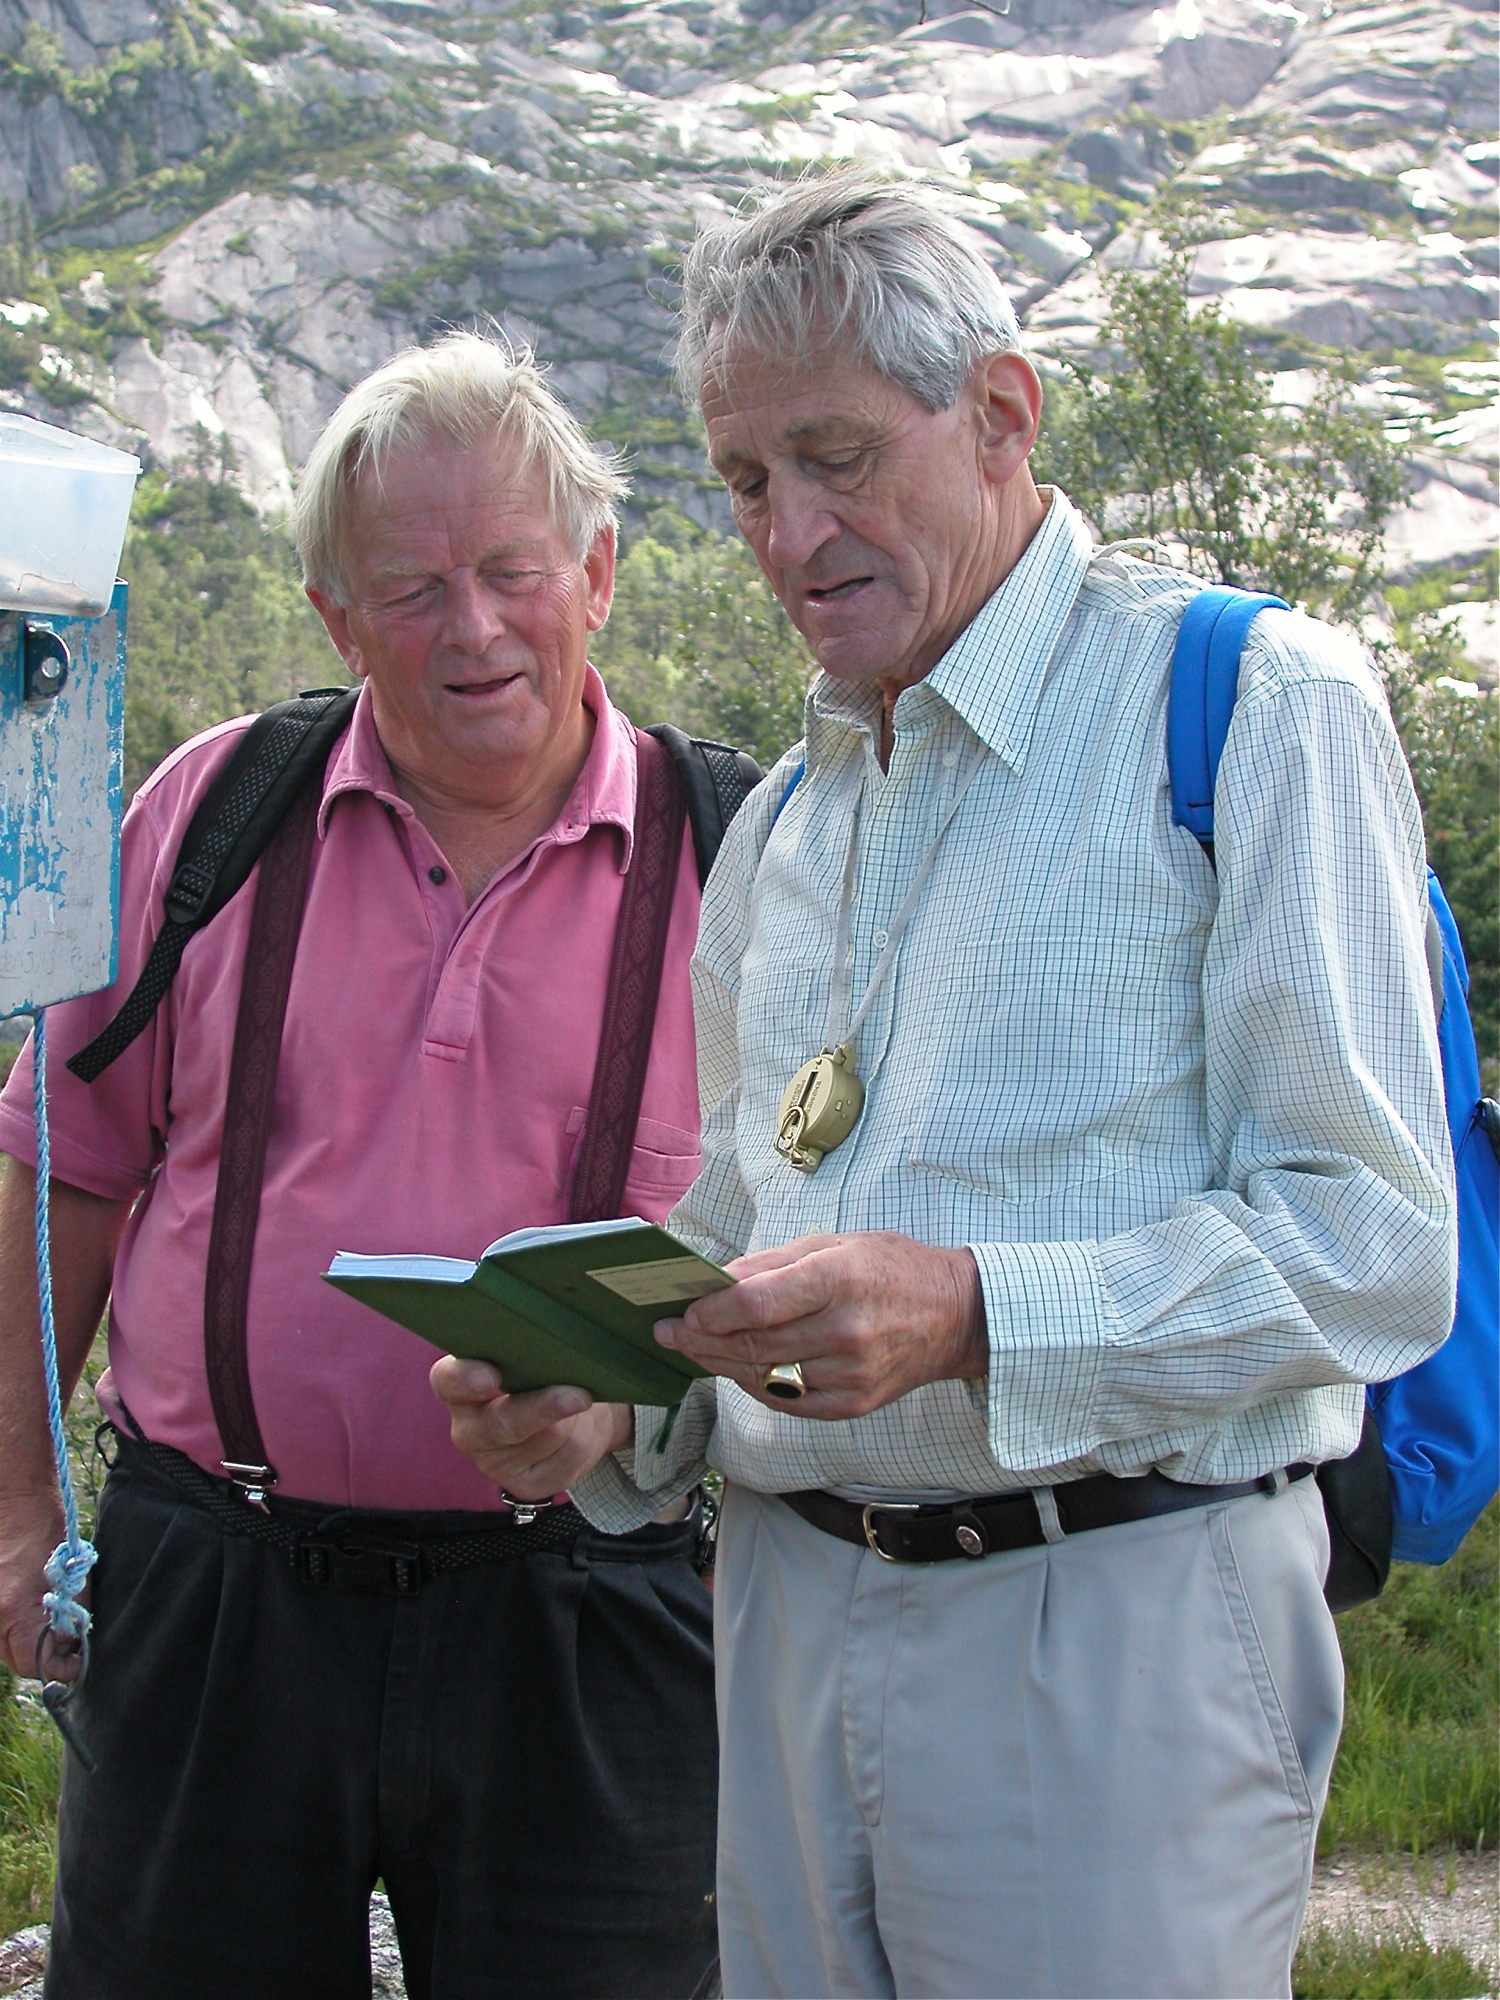 To gode vener, Nils Eknes og Eugene Keppler (den første direktøren på SØRAL) var på tur til Bremstølsvatnet i juni 2002. Då var det mange år sidan dei sjølve hadde skrive seg inn i gjesteboka der oppe...